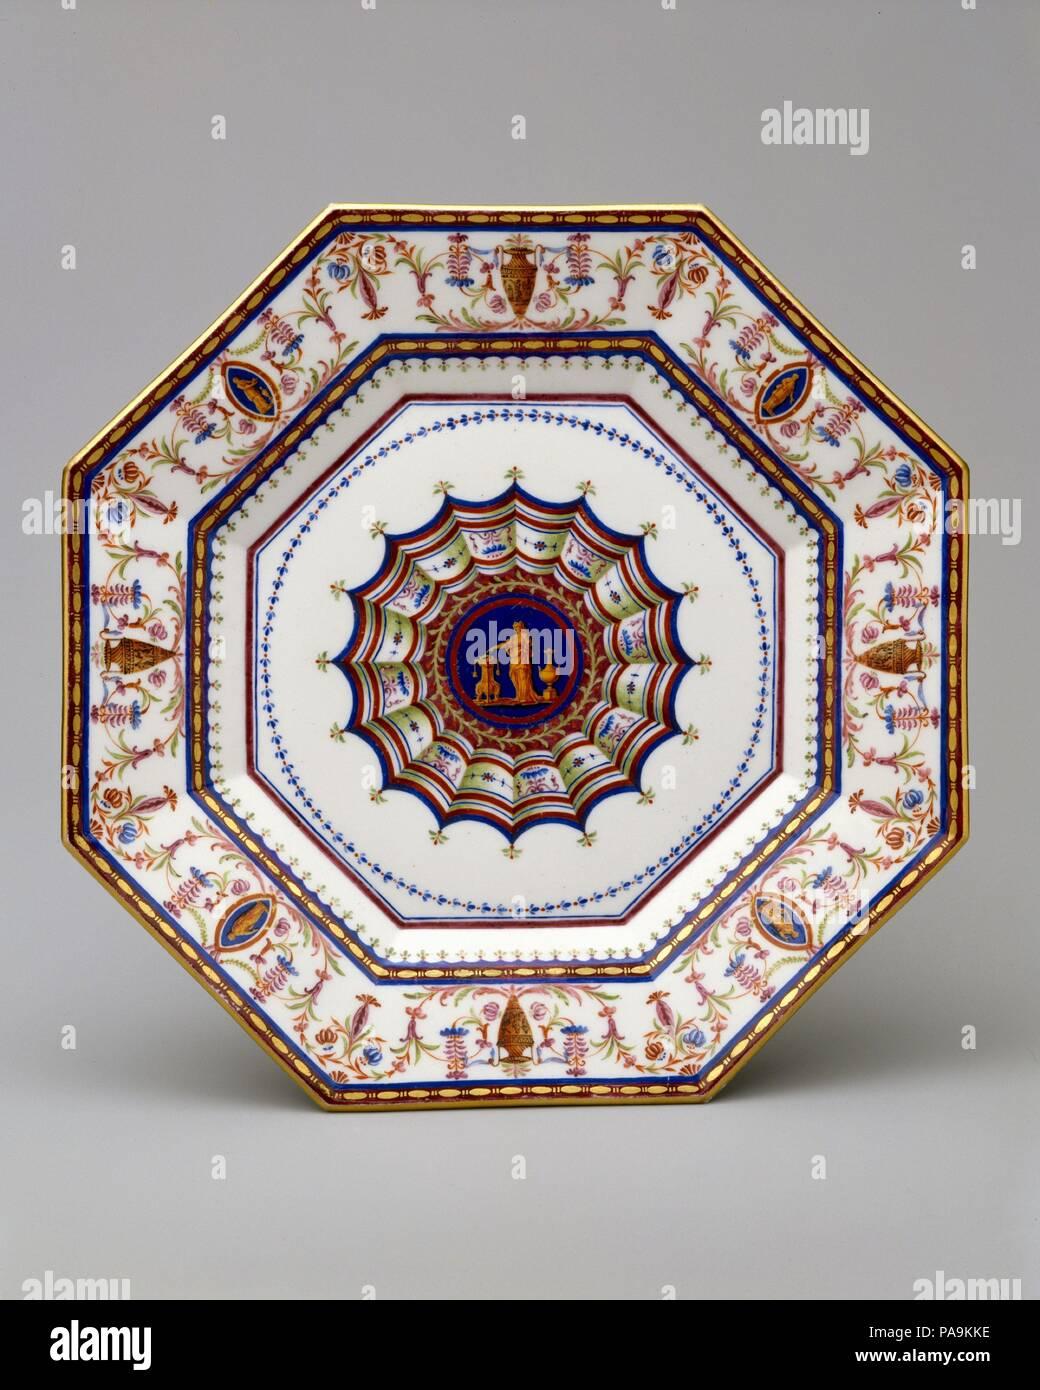 Kultur: Französisch, Sèvres. Dekorateur: Jean Armand Fallot (Französisch,  Aktive 1764 90). Designer: Louis Le Masson (Französisch, 1743 1829).